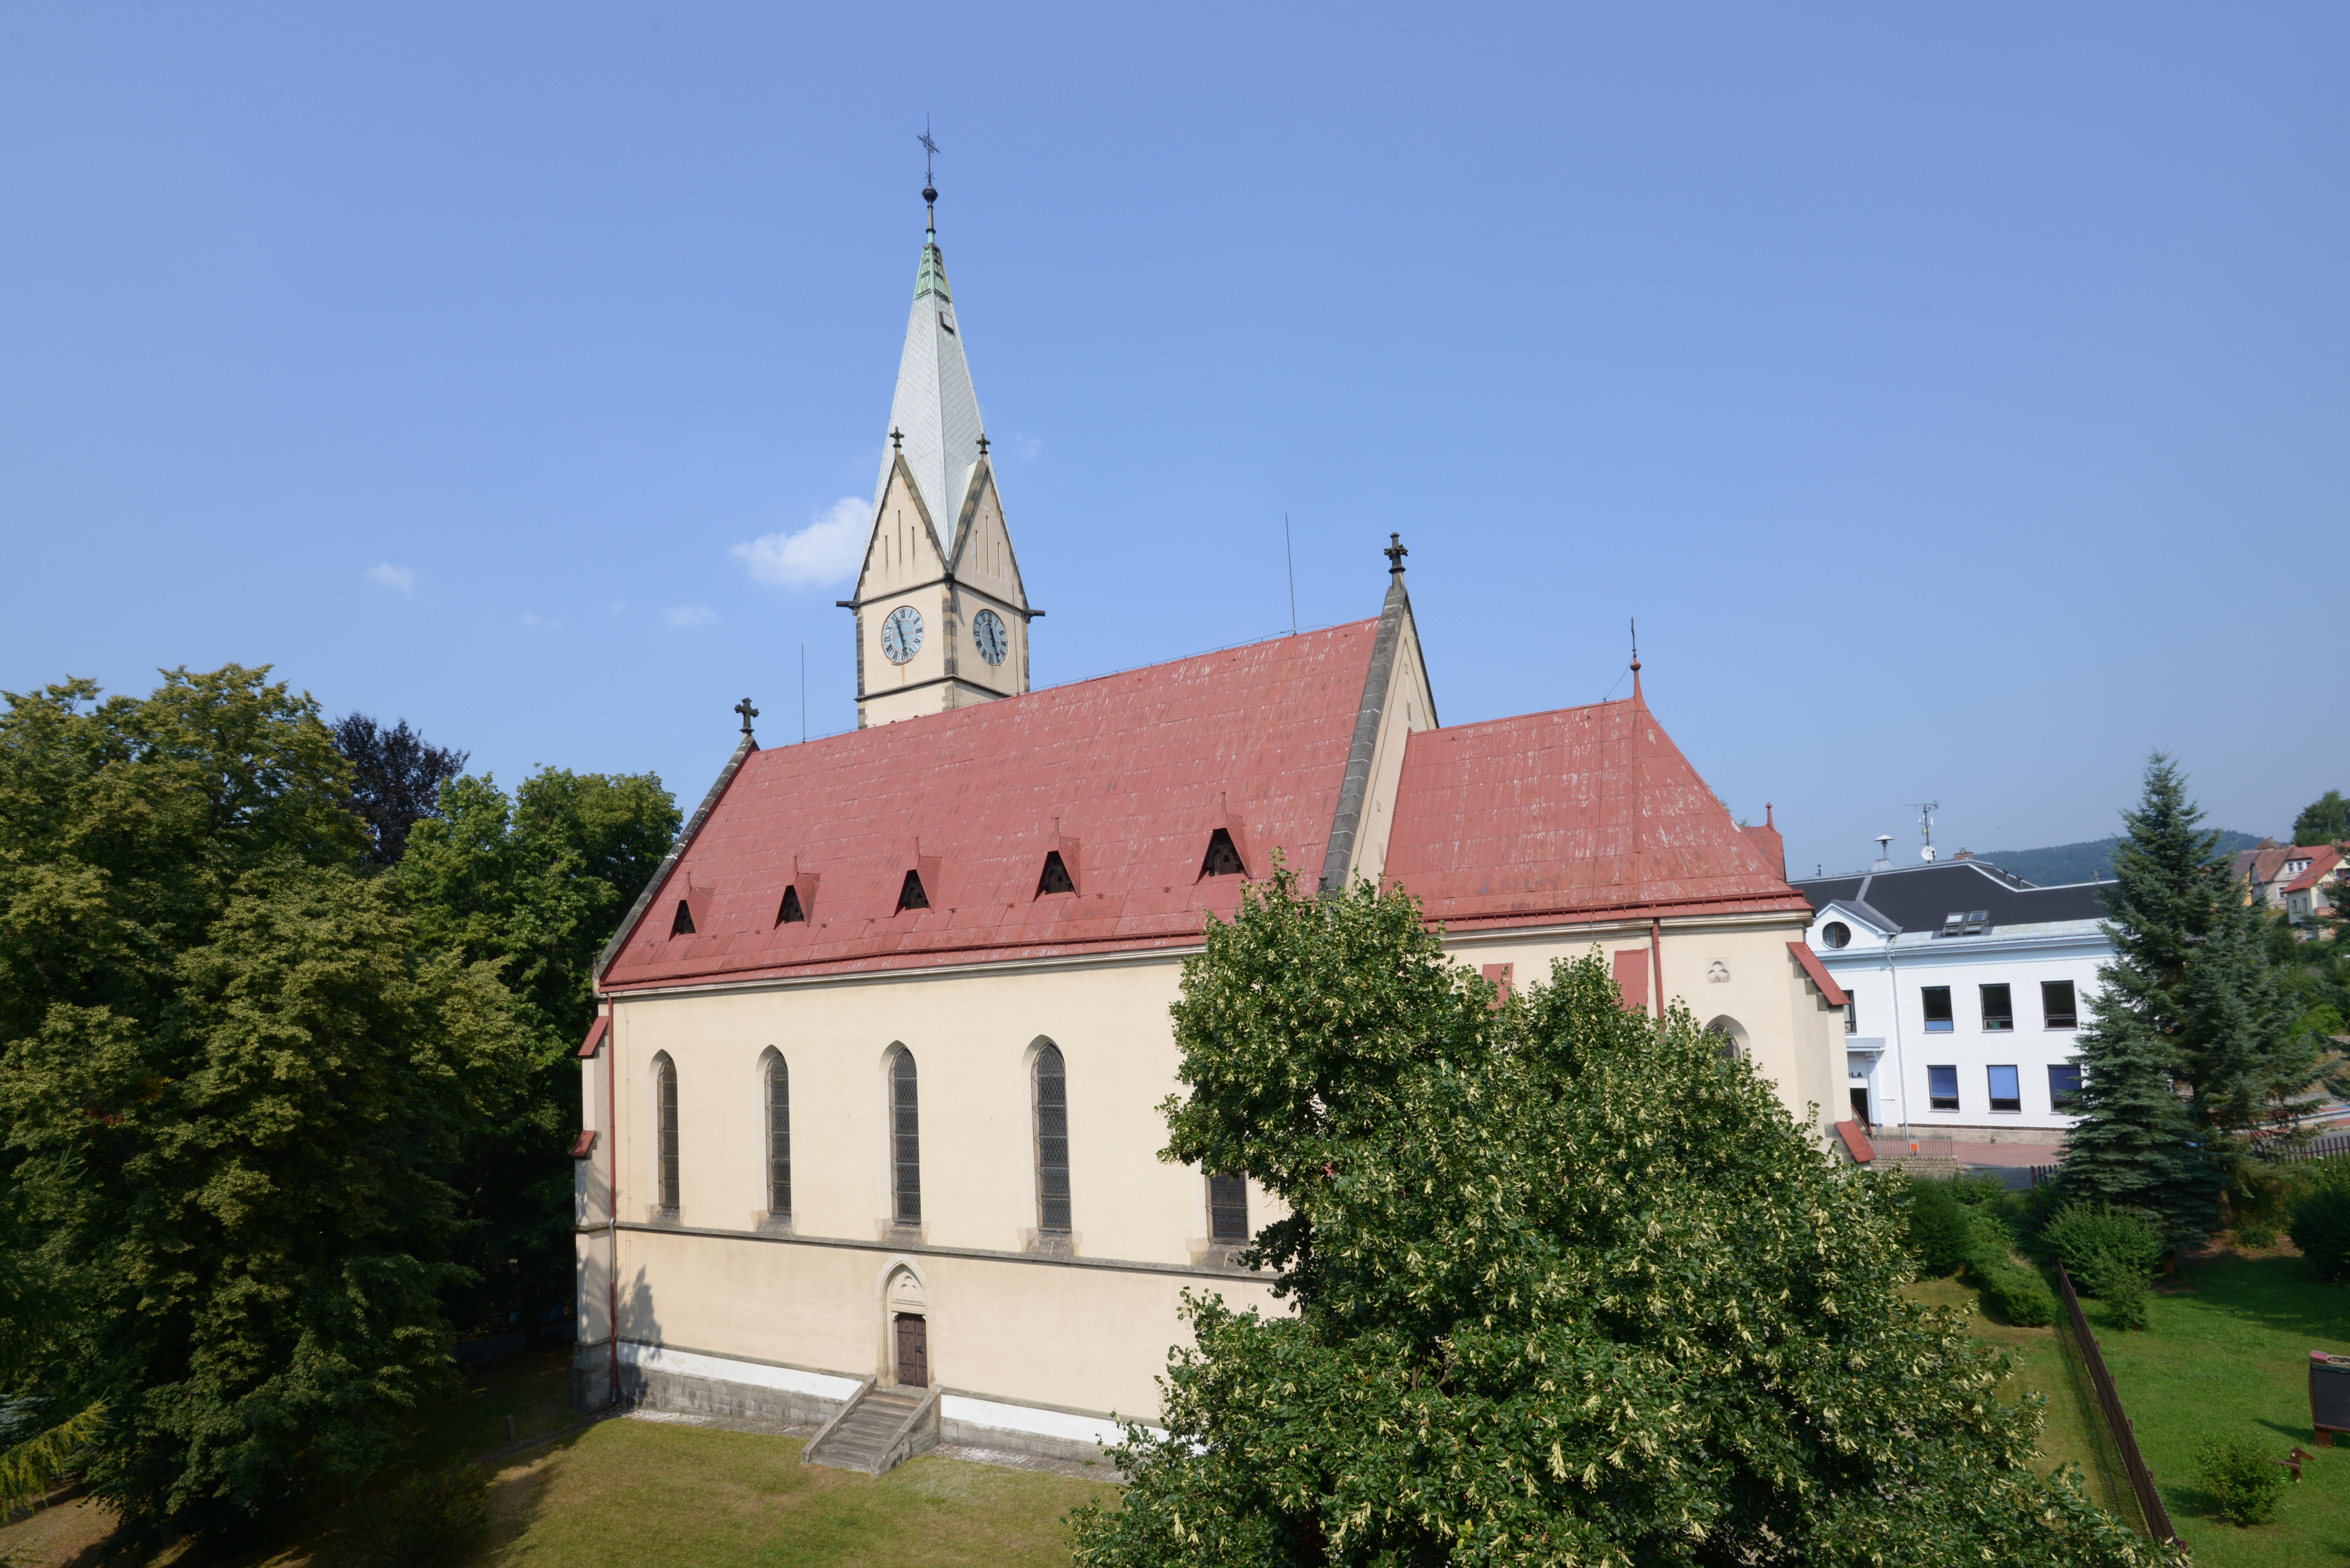 Tanvald, Šumburk